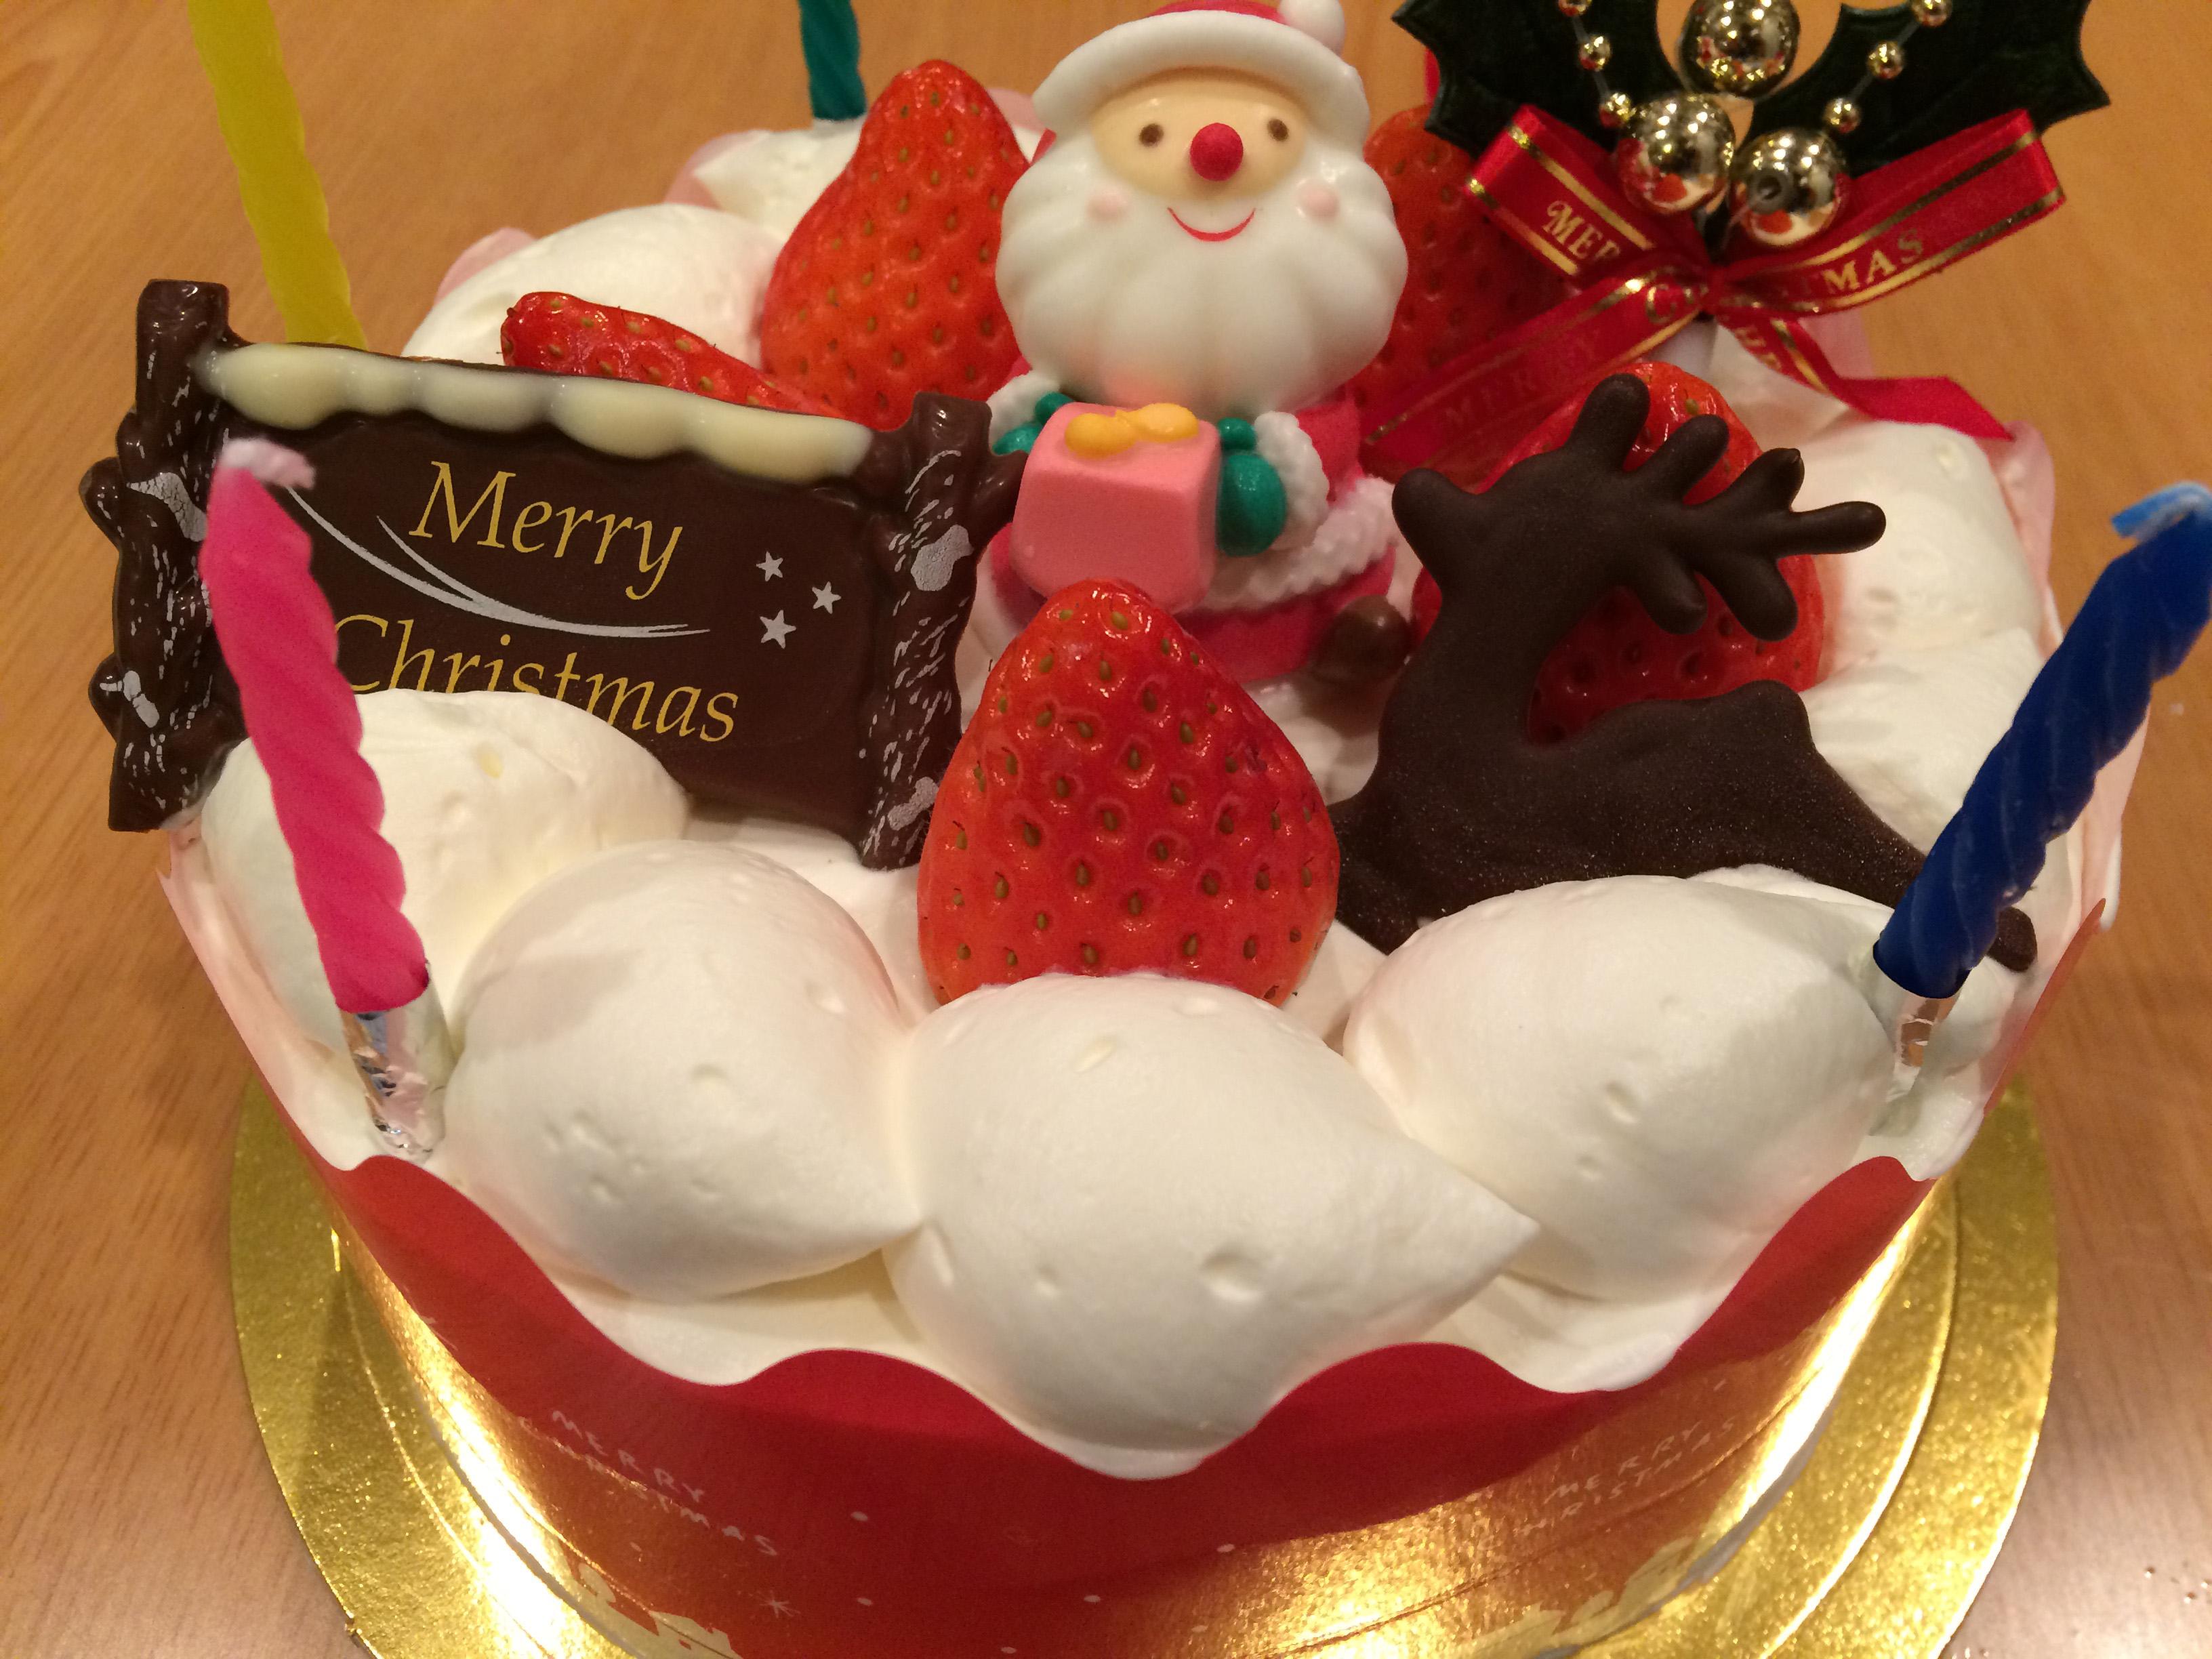 ノーエッグ・クリスマスケーキ